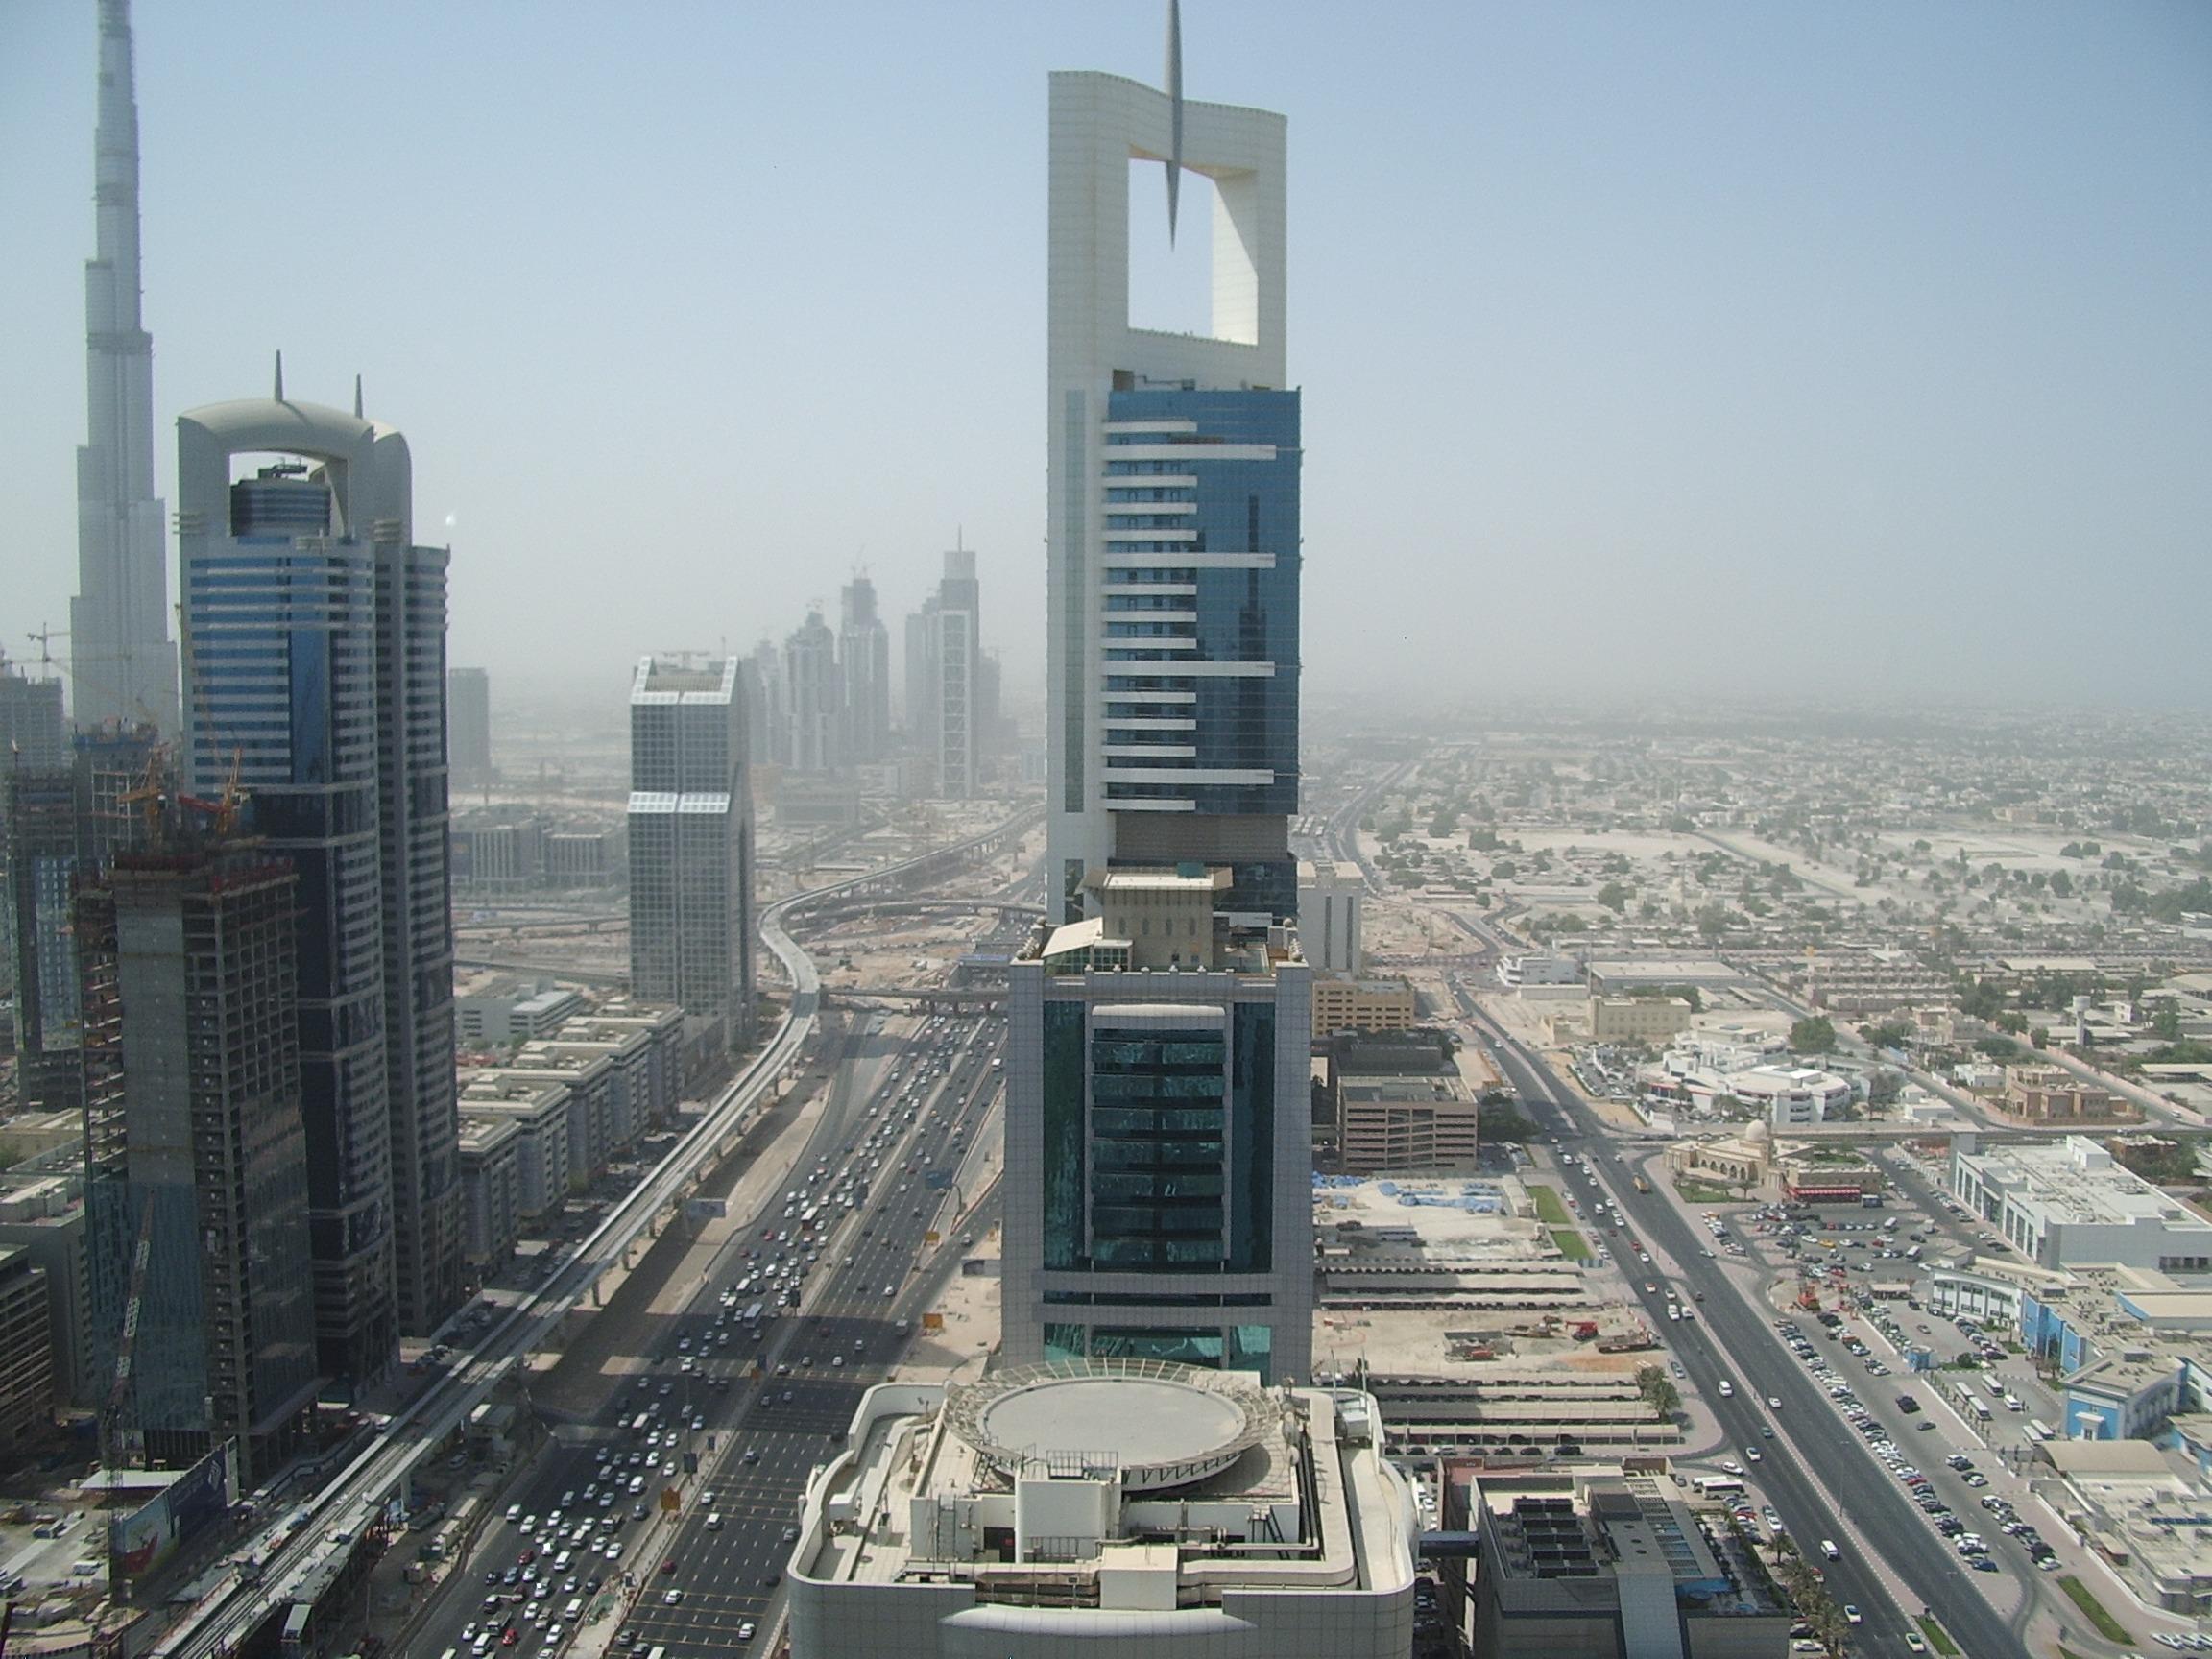 fotos gratis al aire libre la carretera horizonte calle edificio rascacielos paisaje urbano centro de la ciudad torre dubai